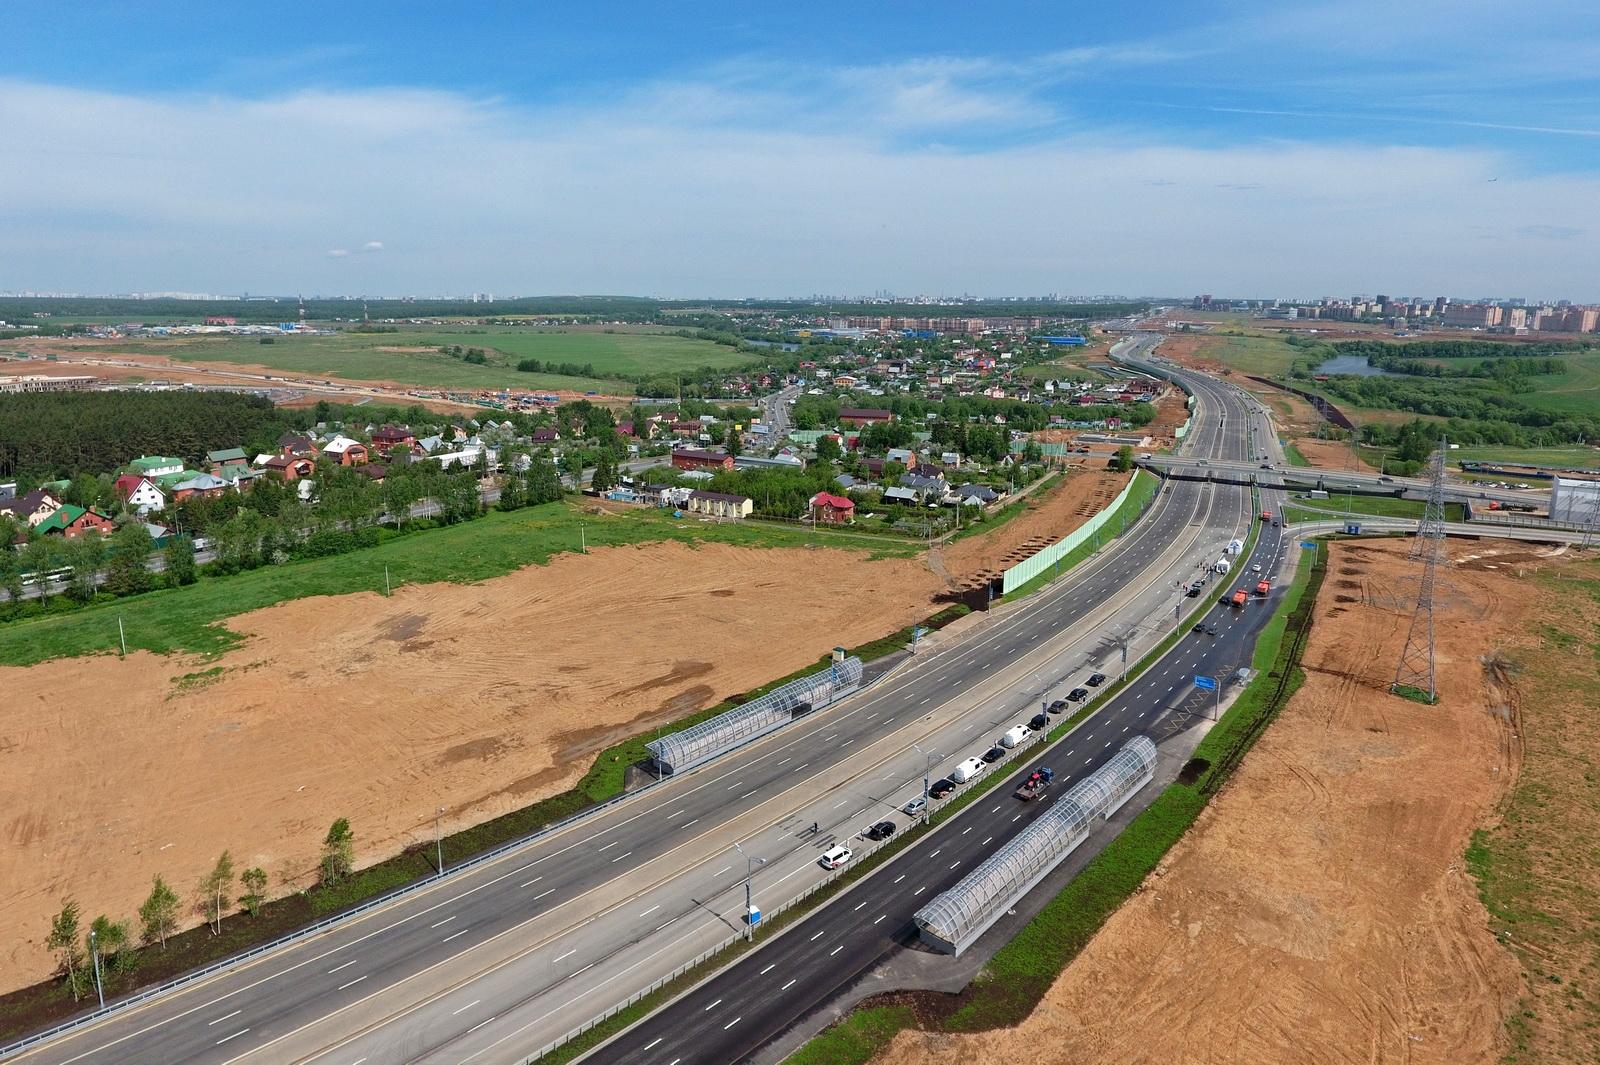 Около 150 километров дорог построили в Новой Москве с 2013 года. Фото: stroi.mos.ru